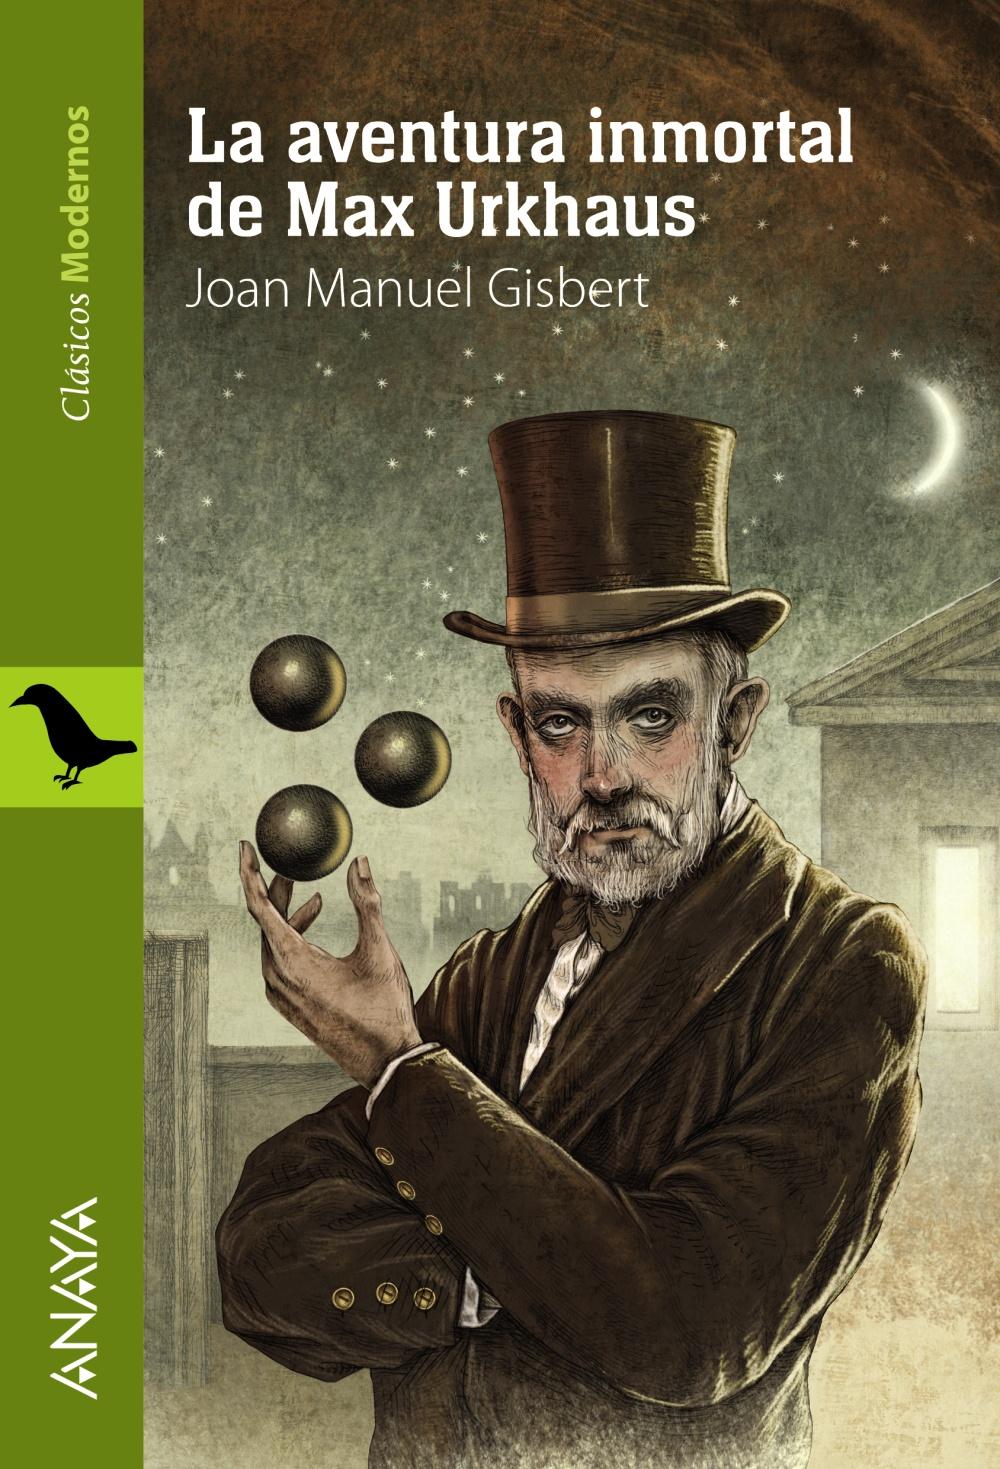 La aventura inmortal de Max Urkhaus (ebook)